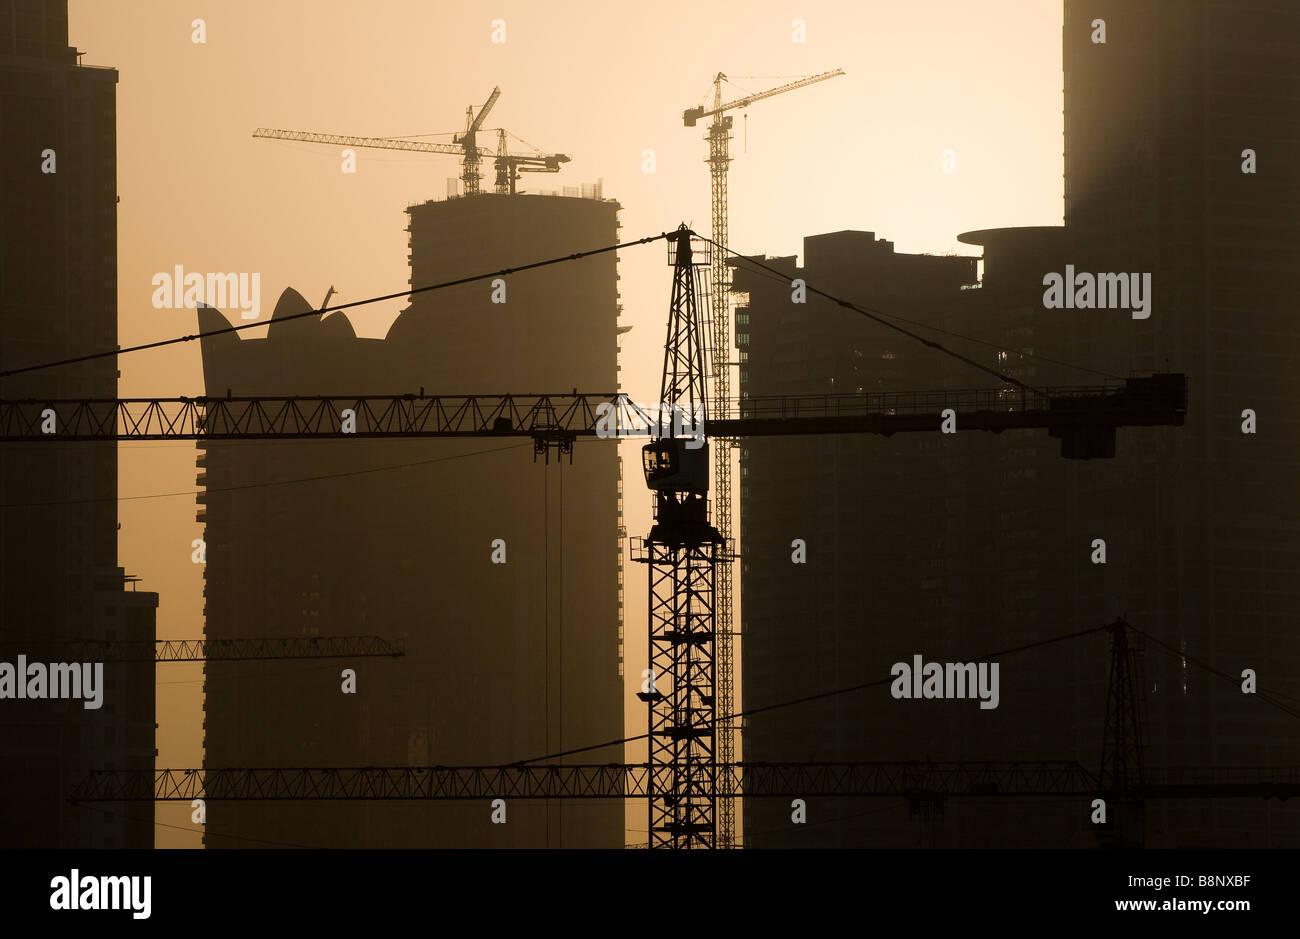 dubai under construction, uae - Stock Image